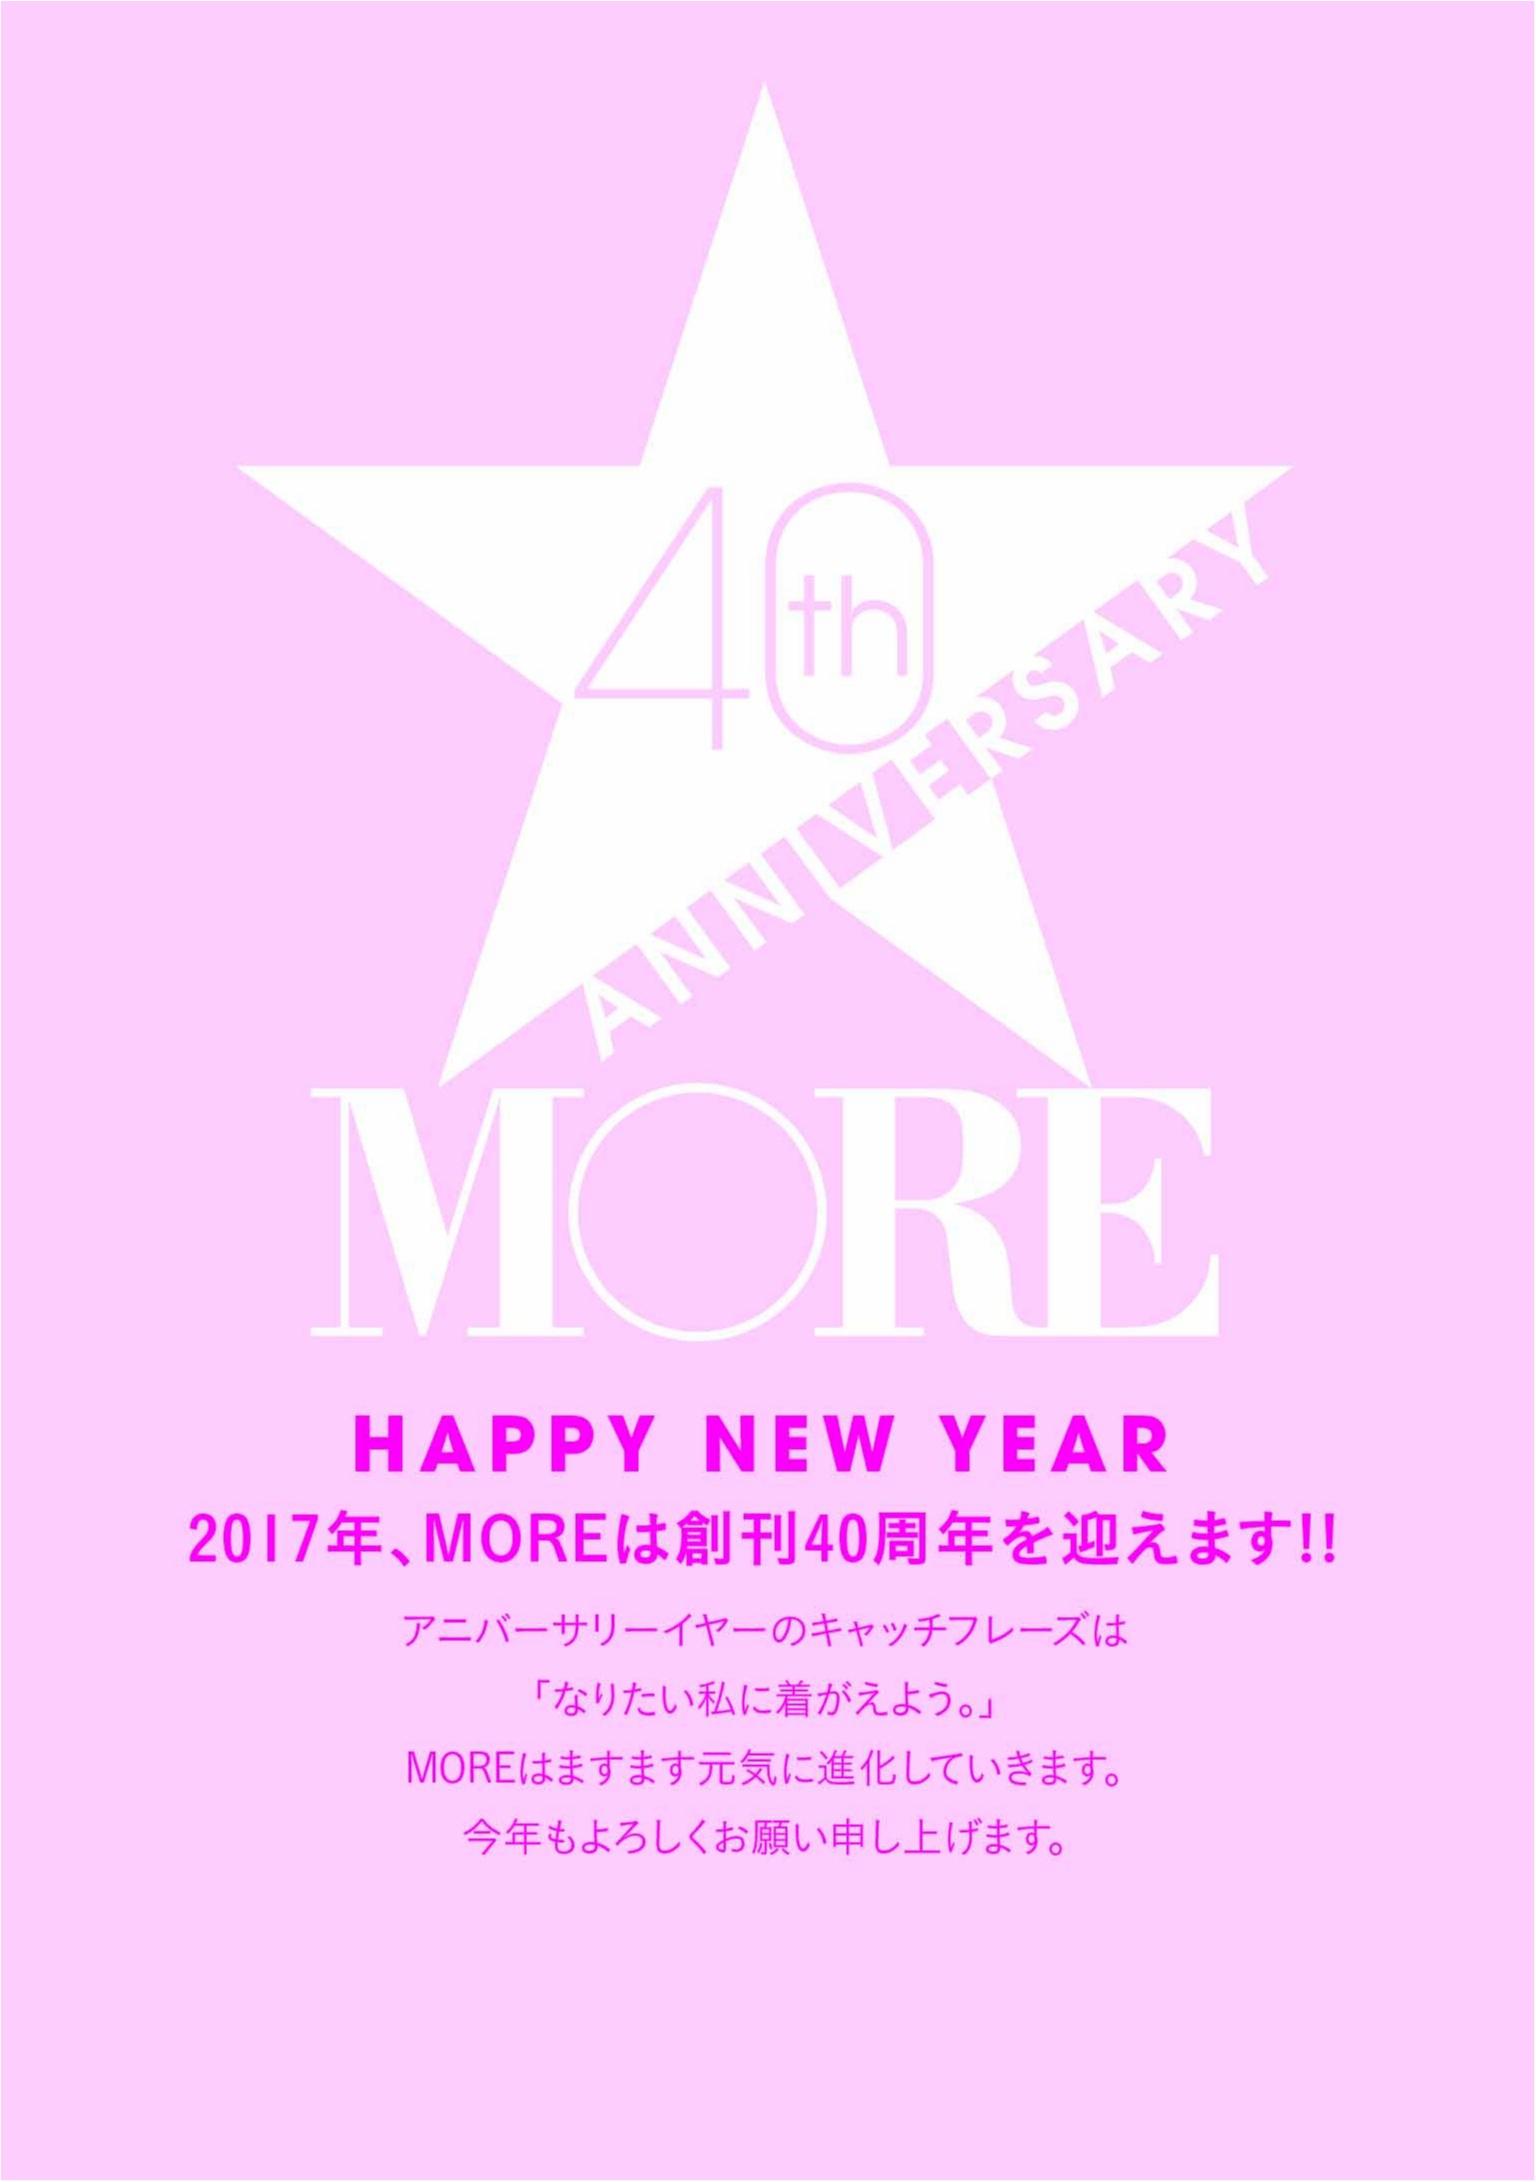 あけましておめでとうございます! 2017年はMORE40周年アニバーサリーイヤーです☆_1